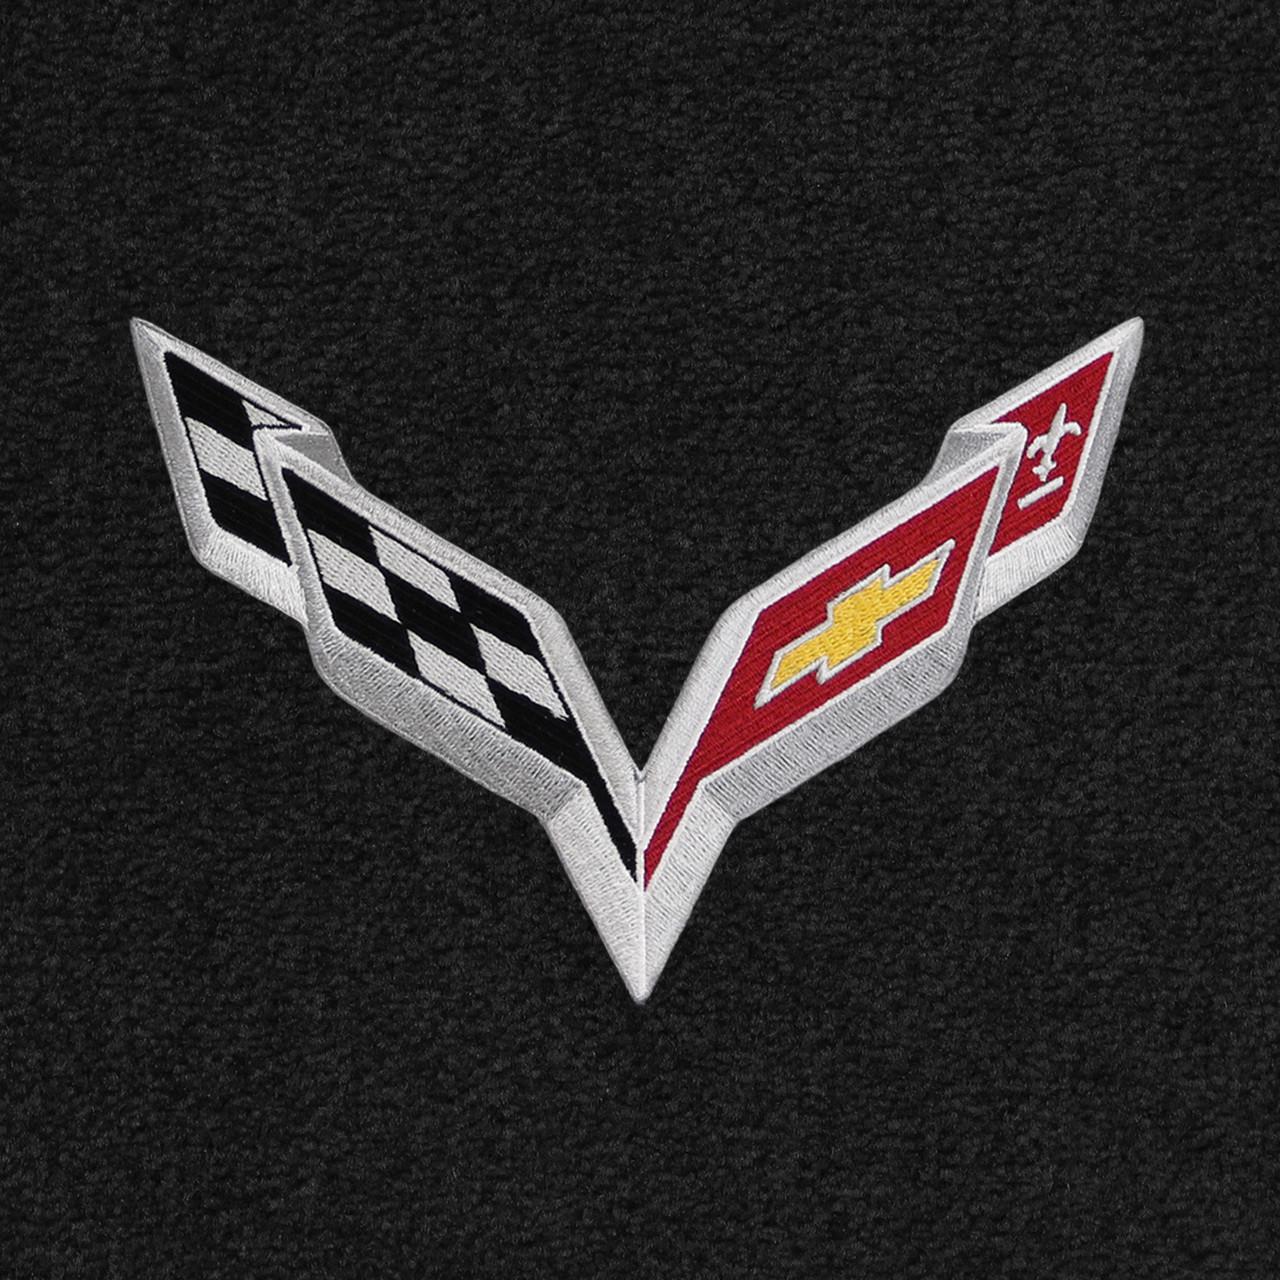 C7 Corvette Logo on Ebony Mat